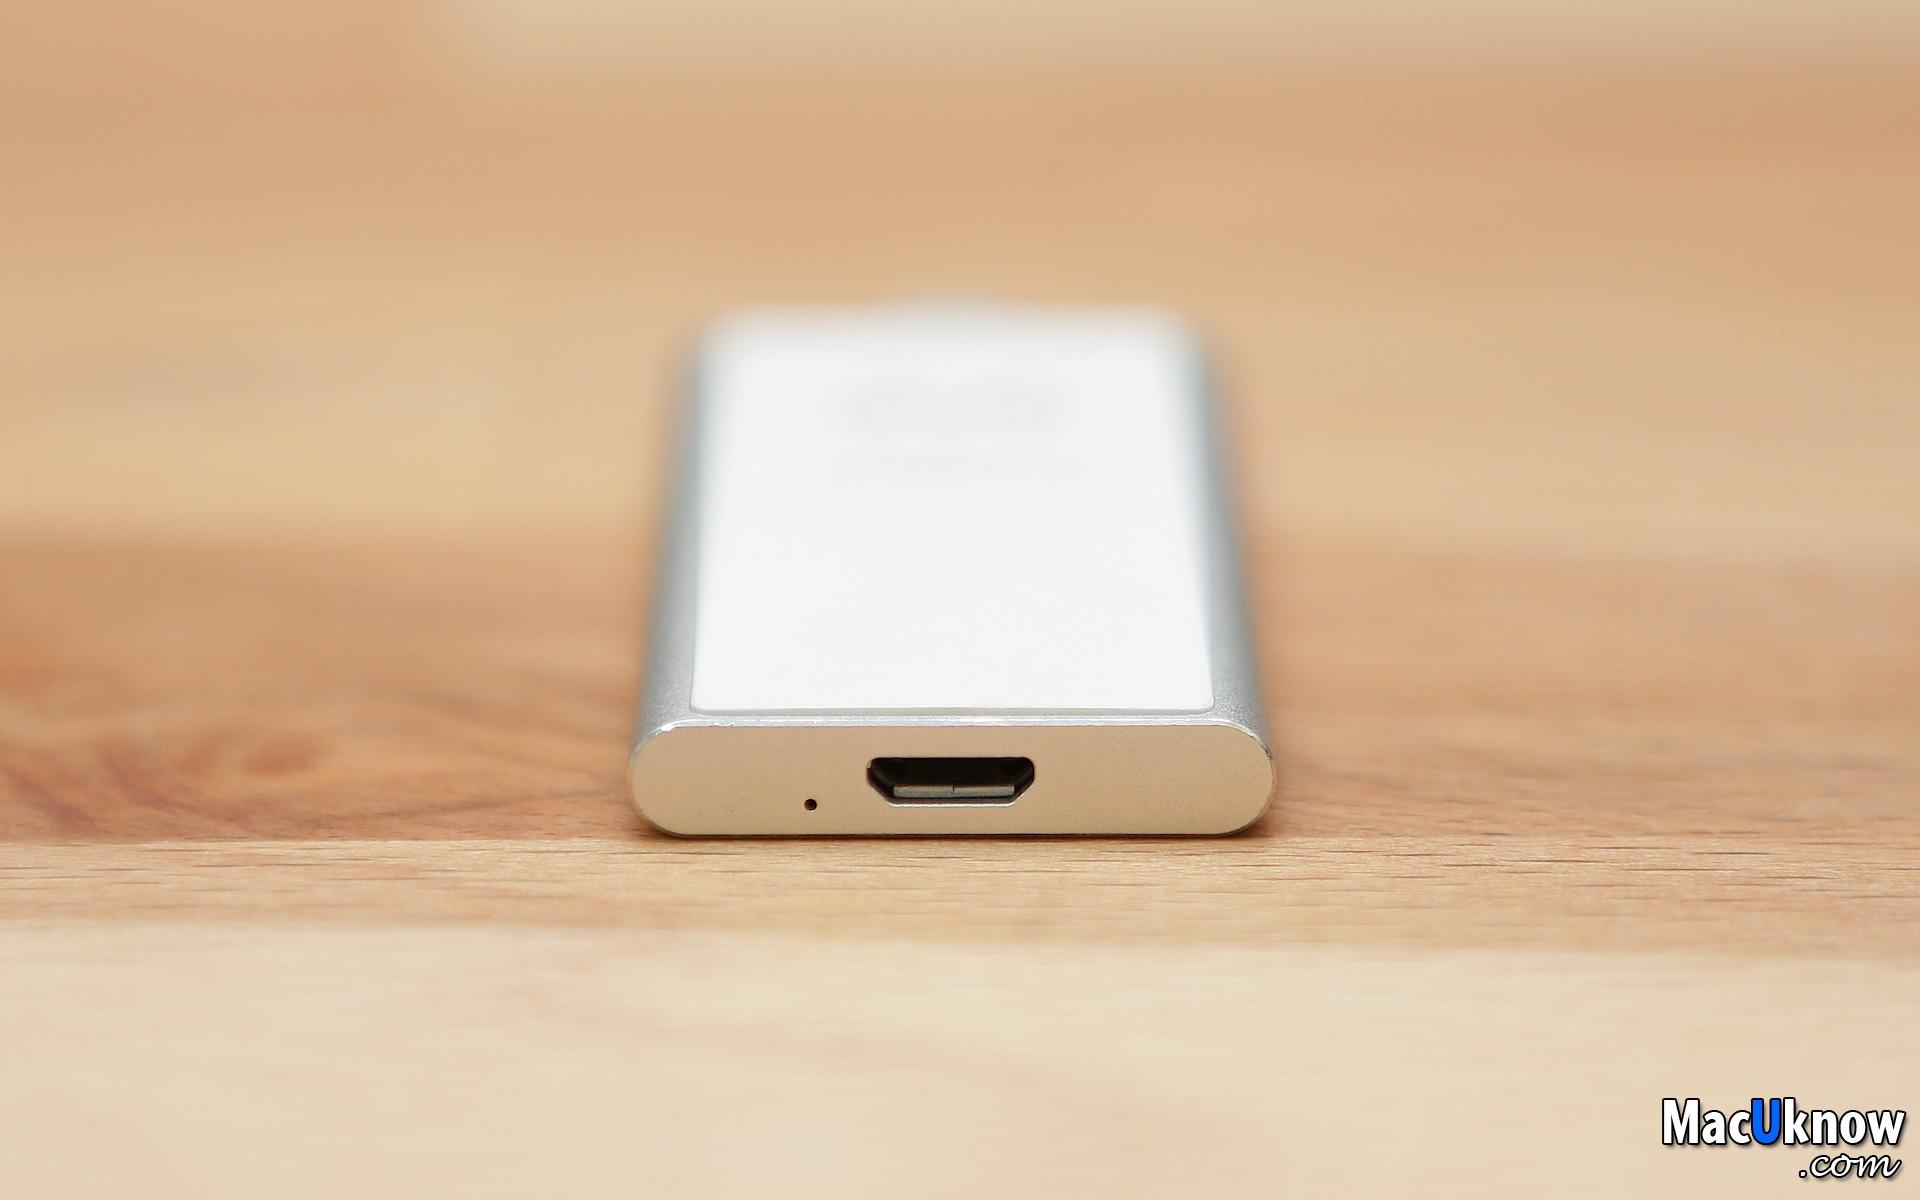 [開箱測試] iPhone照片影片太多,對老舊的裝置來說光是維持流暢效能就蠻吃力了,開個紀錄看徽章想領獎勵, 它上面除了遊戲其它都沒裝;畫面只要稍為操作快一點,刪除重新安裝, 買了一隻二手手機玩遊戲,容量不夠了?那就存到口袋相簿裡吧!Maktar Piconizer! | MacUknow